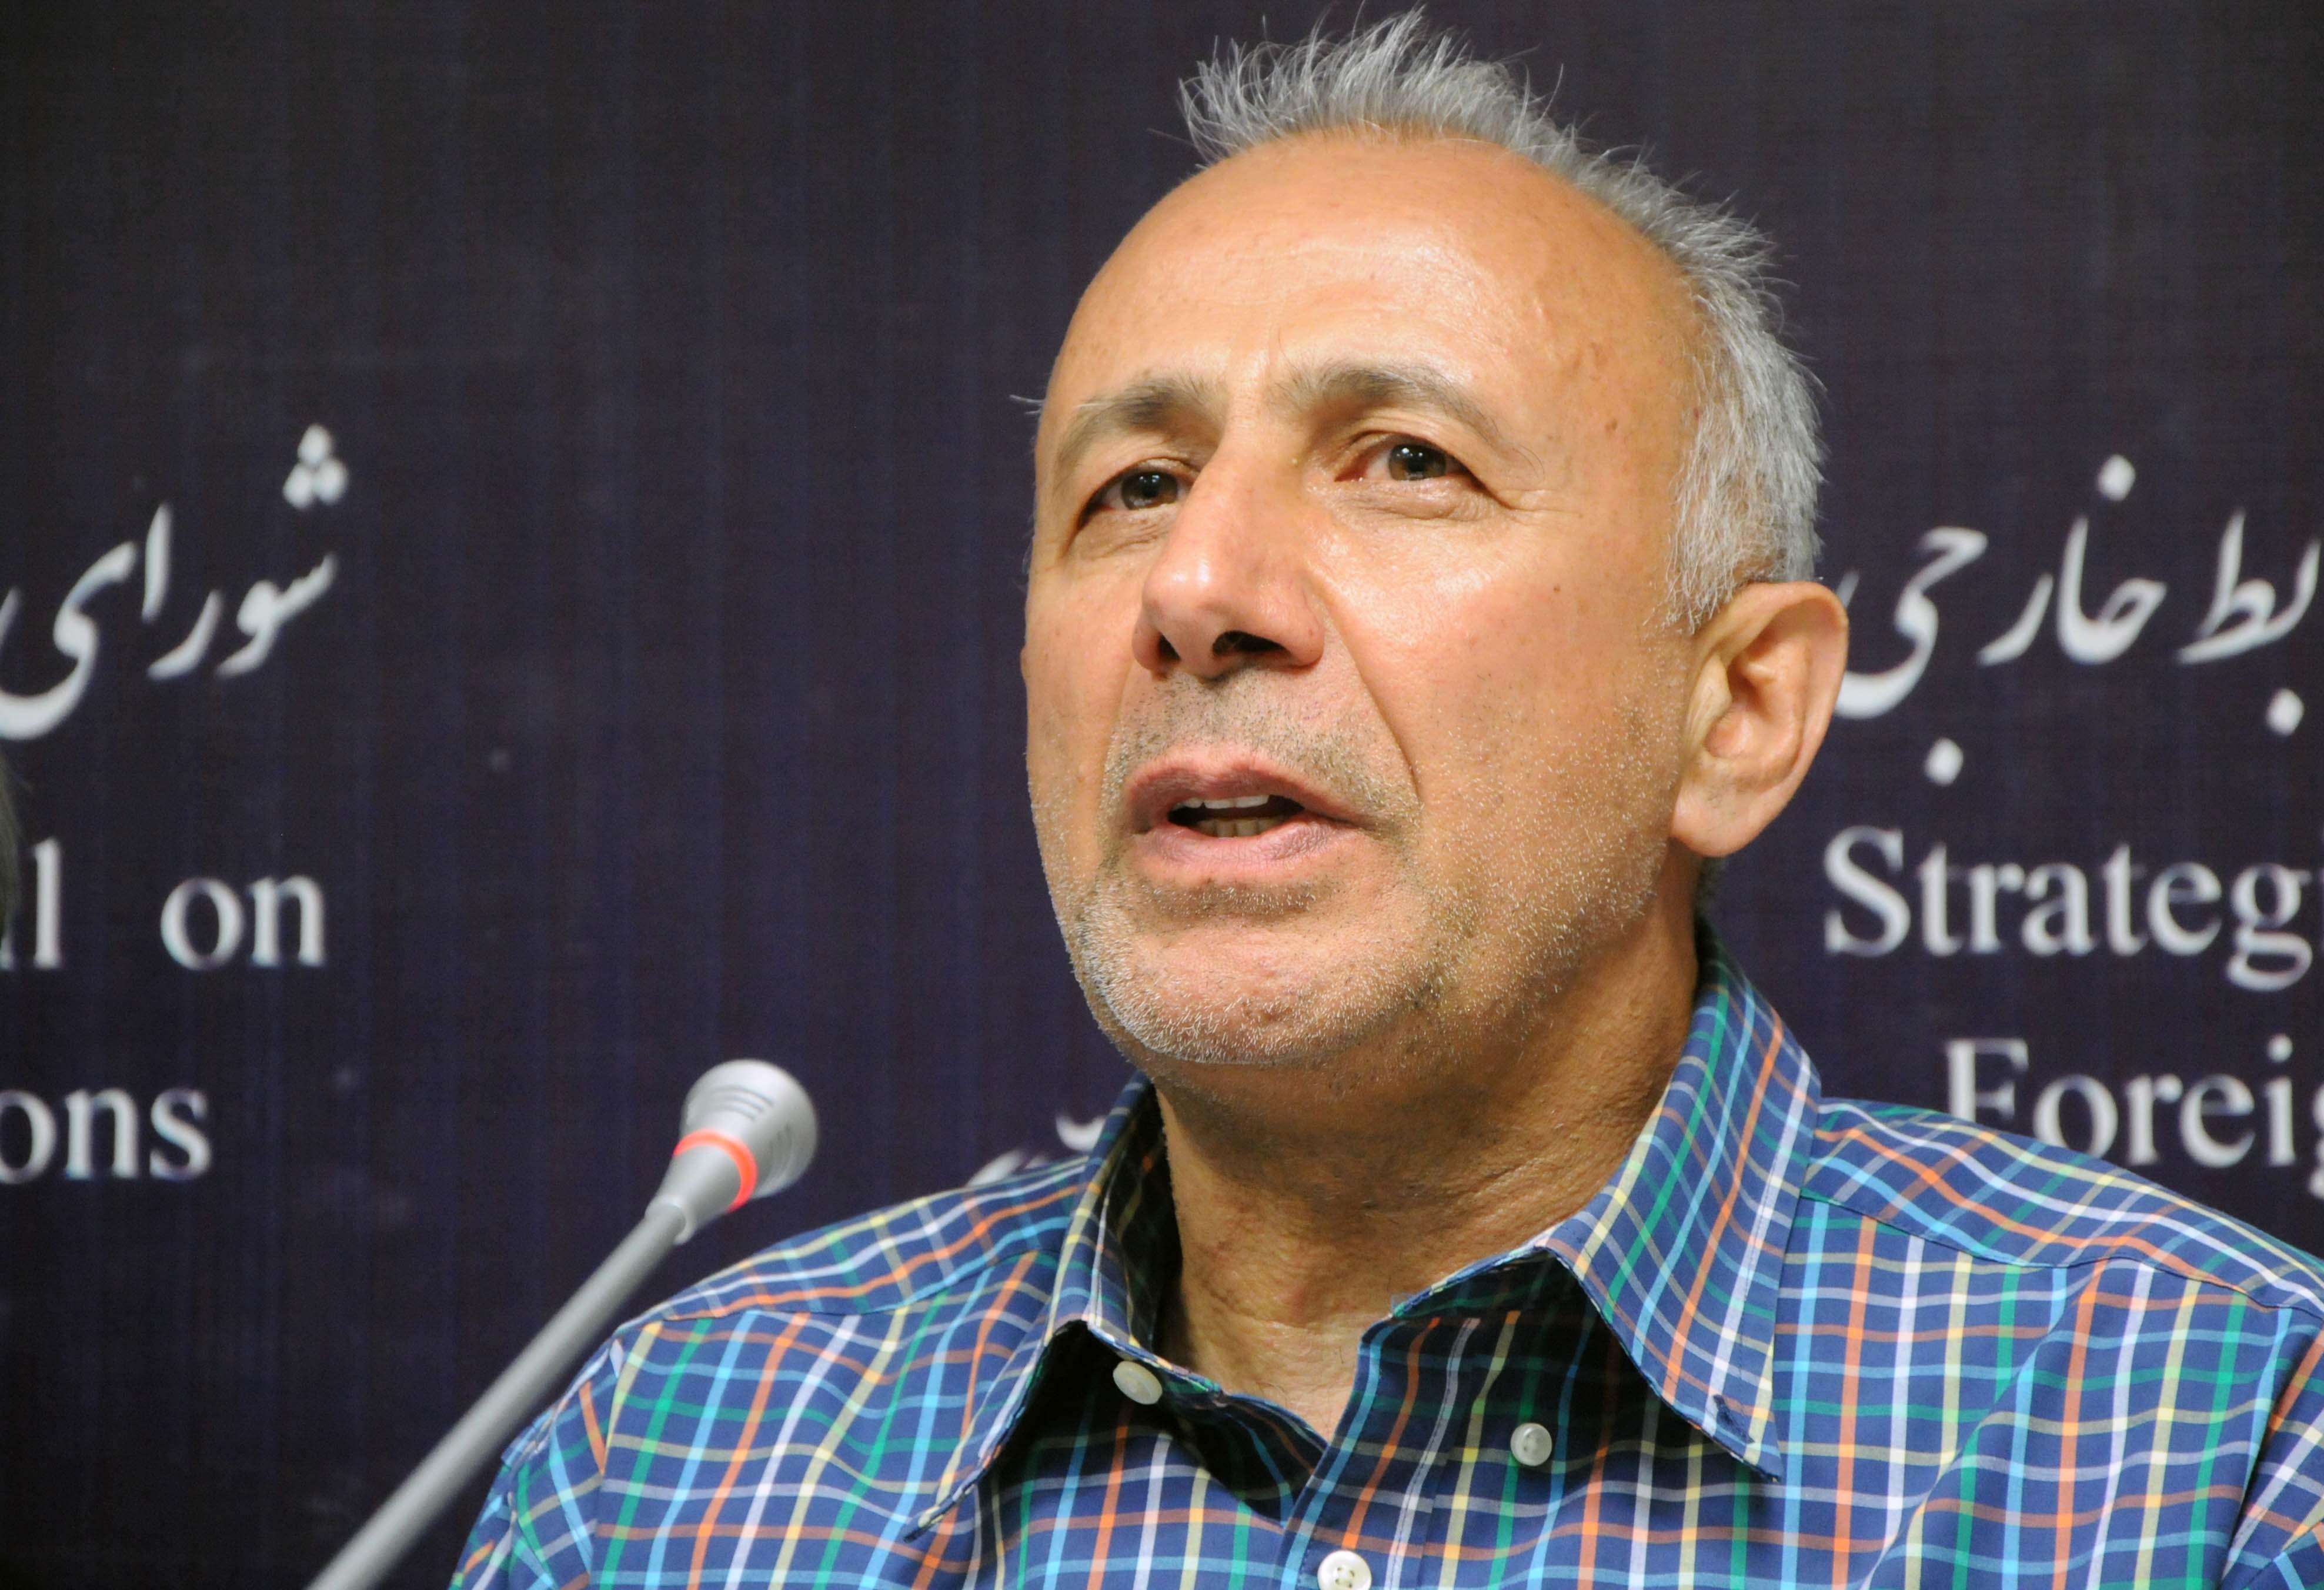 دکتر ابراهیم متقی، استاد دانشگاه تهران